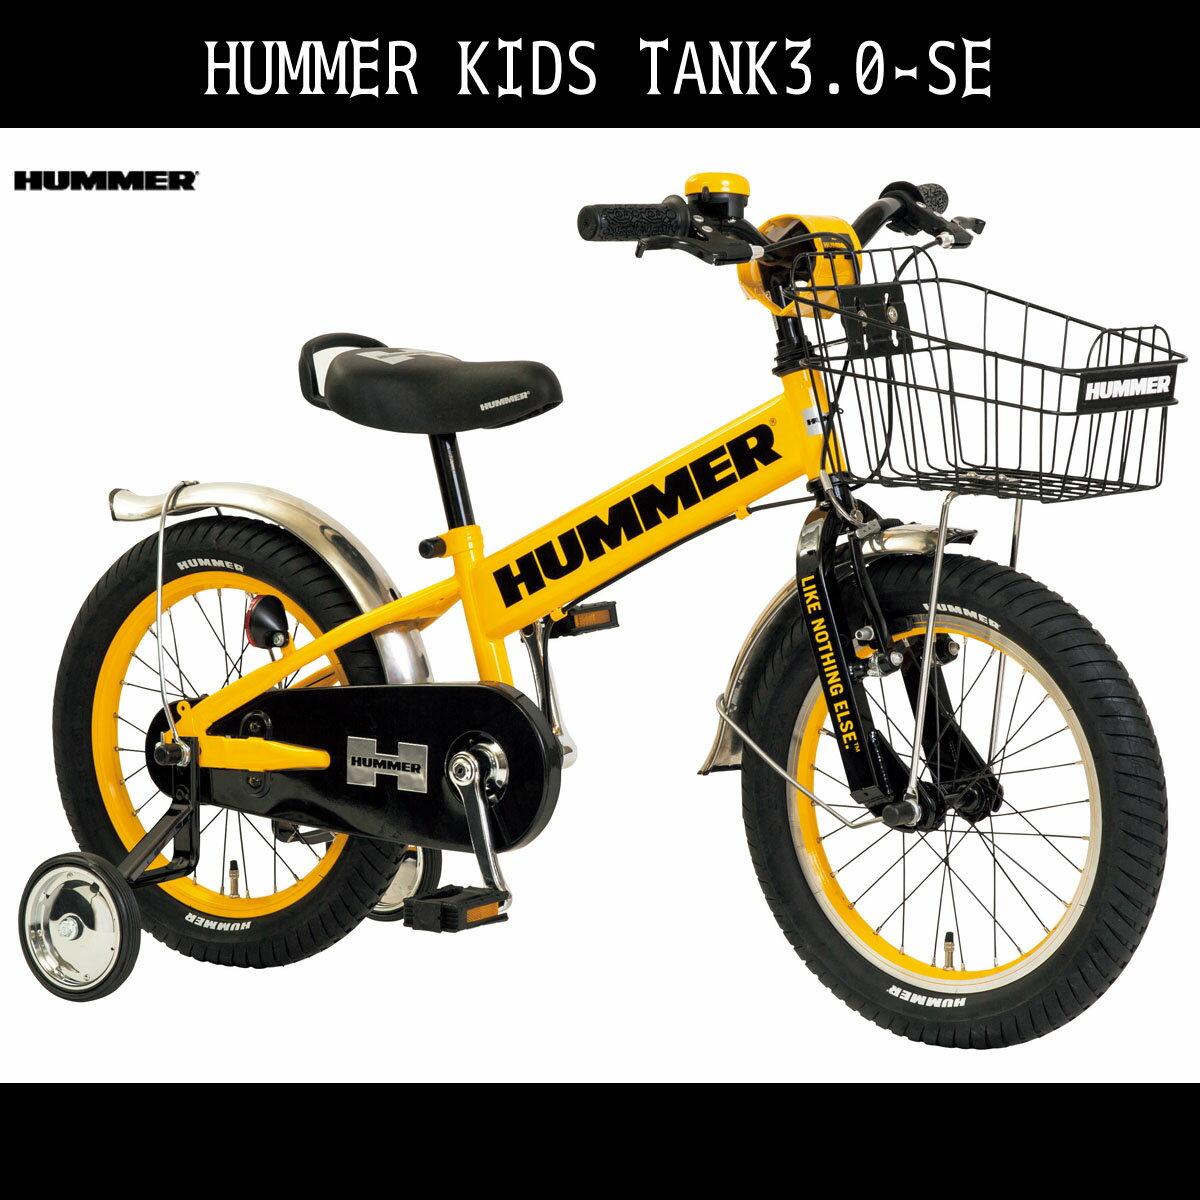 送料無料 子供用 マウンテンバイク ハマー HUMMER 自転車 幼児 補助輪付き 自転車 子ども用 自転車 イエロー/黄色16インチ 自転車 ギアなし 補助輪 泥除け かご付 ハマー KID'S TANK3.0-SEキッズ 自転車 ジュニア 通販 おしゃれ